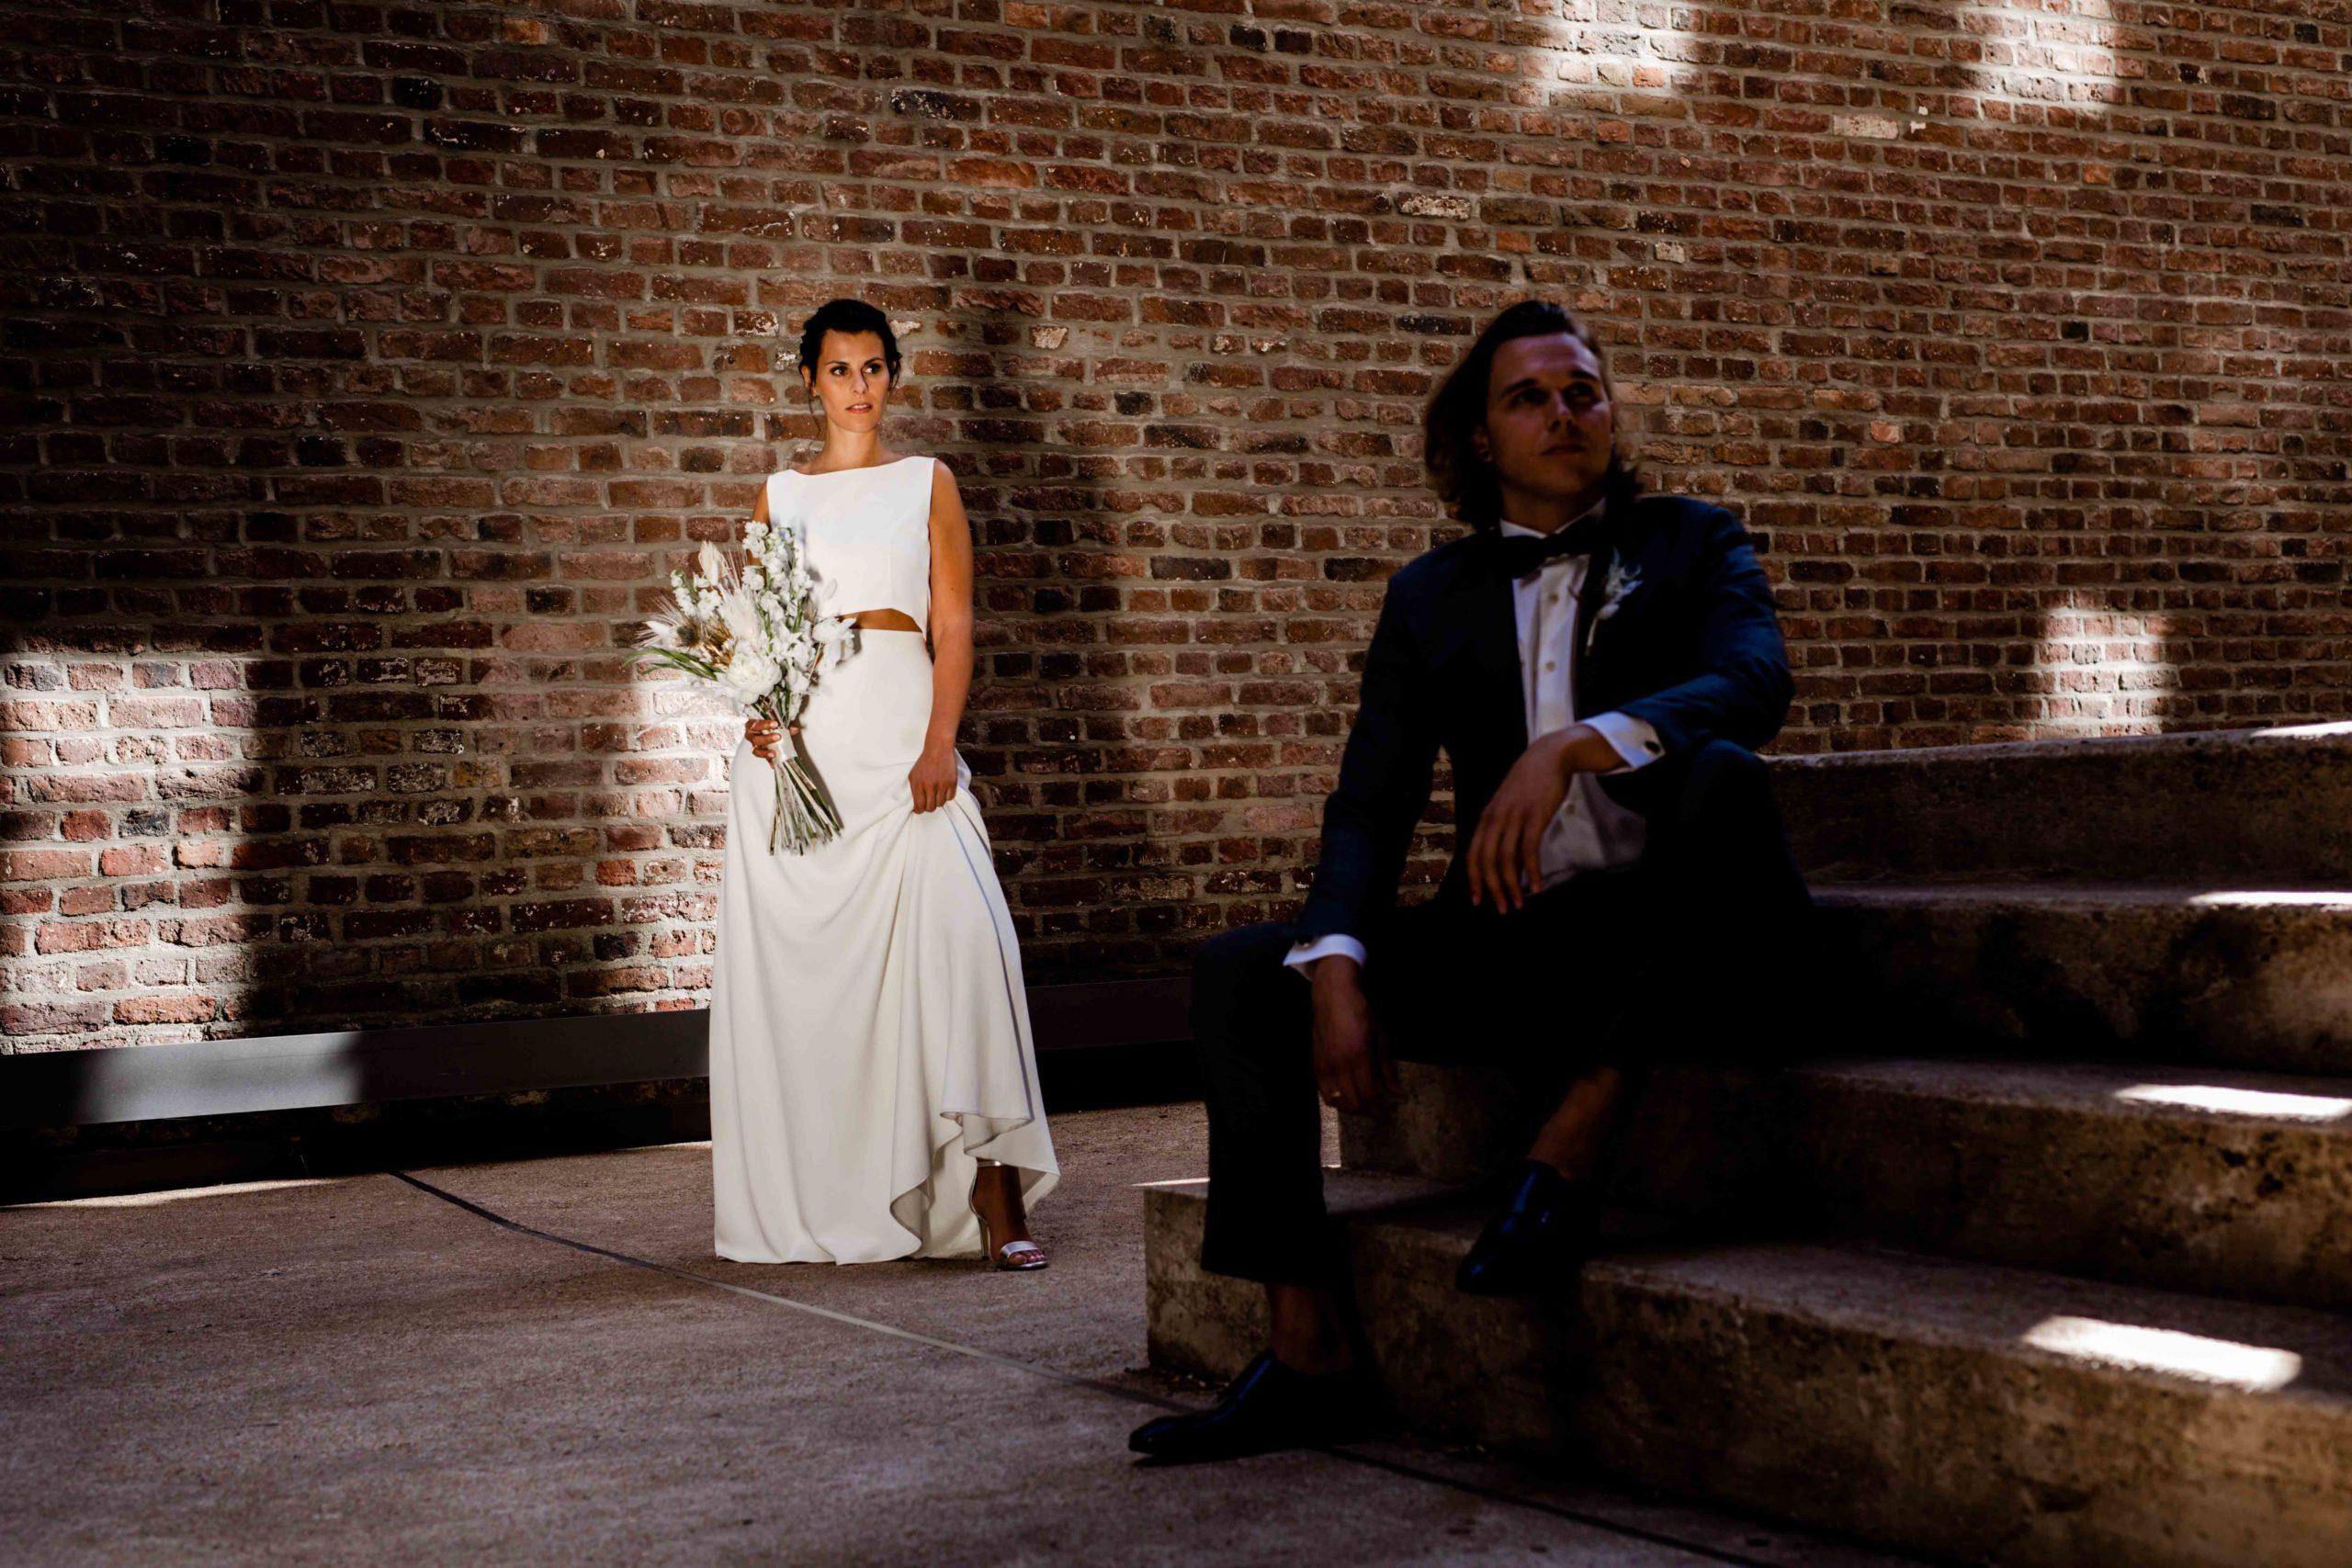 Styled Shoot Brautmode, Model-Brautpaar in Hochzeitsgarderobe mit Brautstrauss vor Backsteinmauer, Bräutigam auf Treppen sitzend